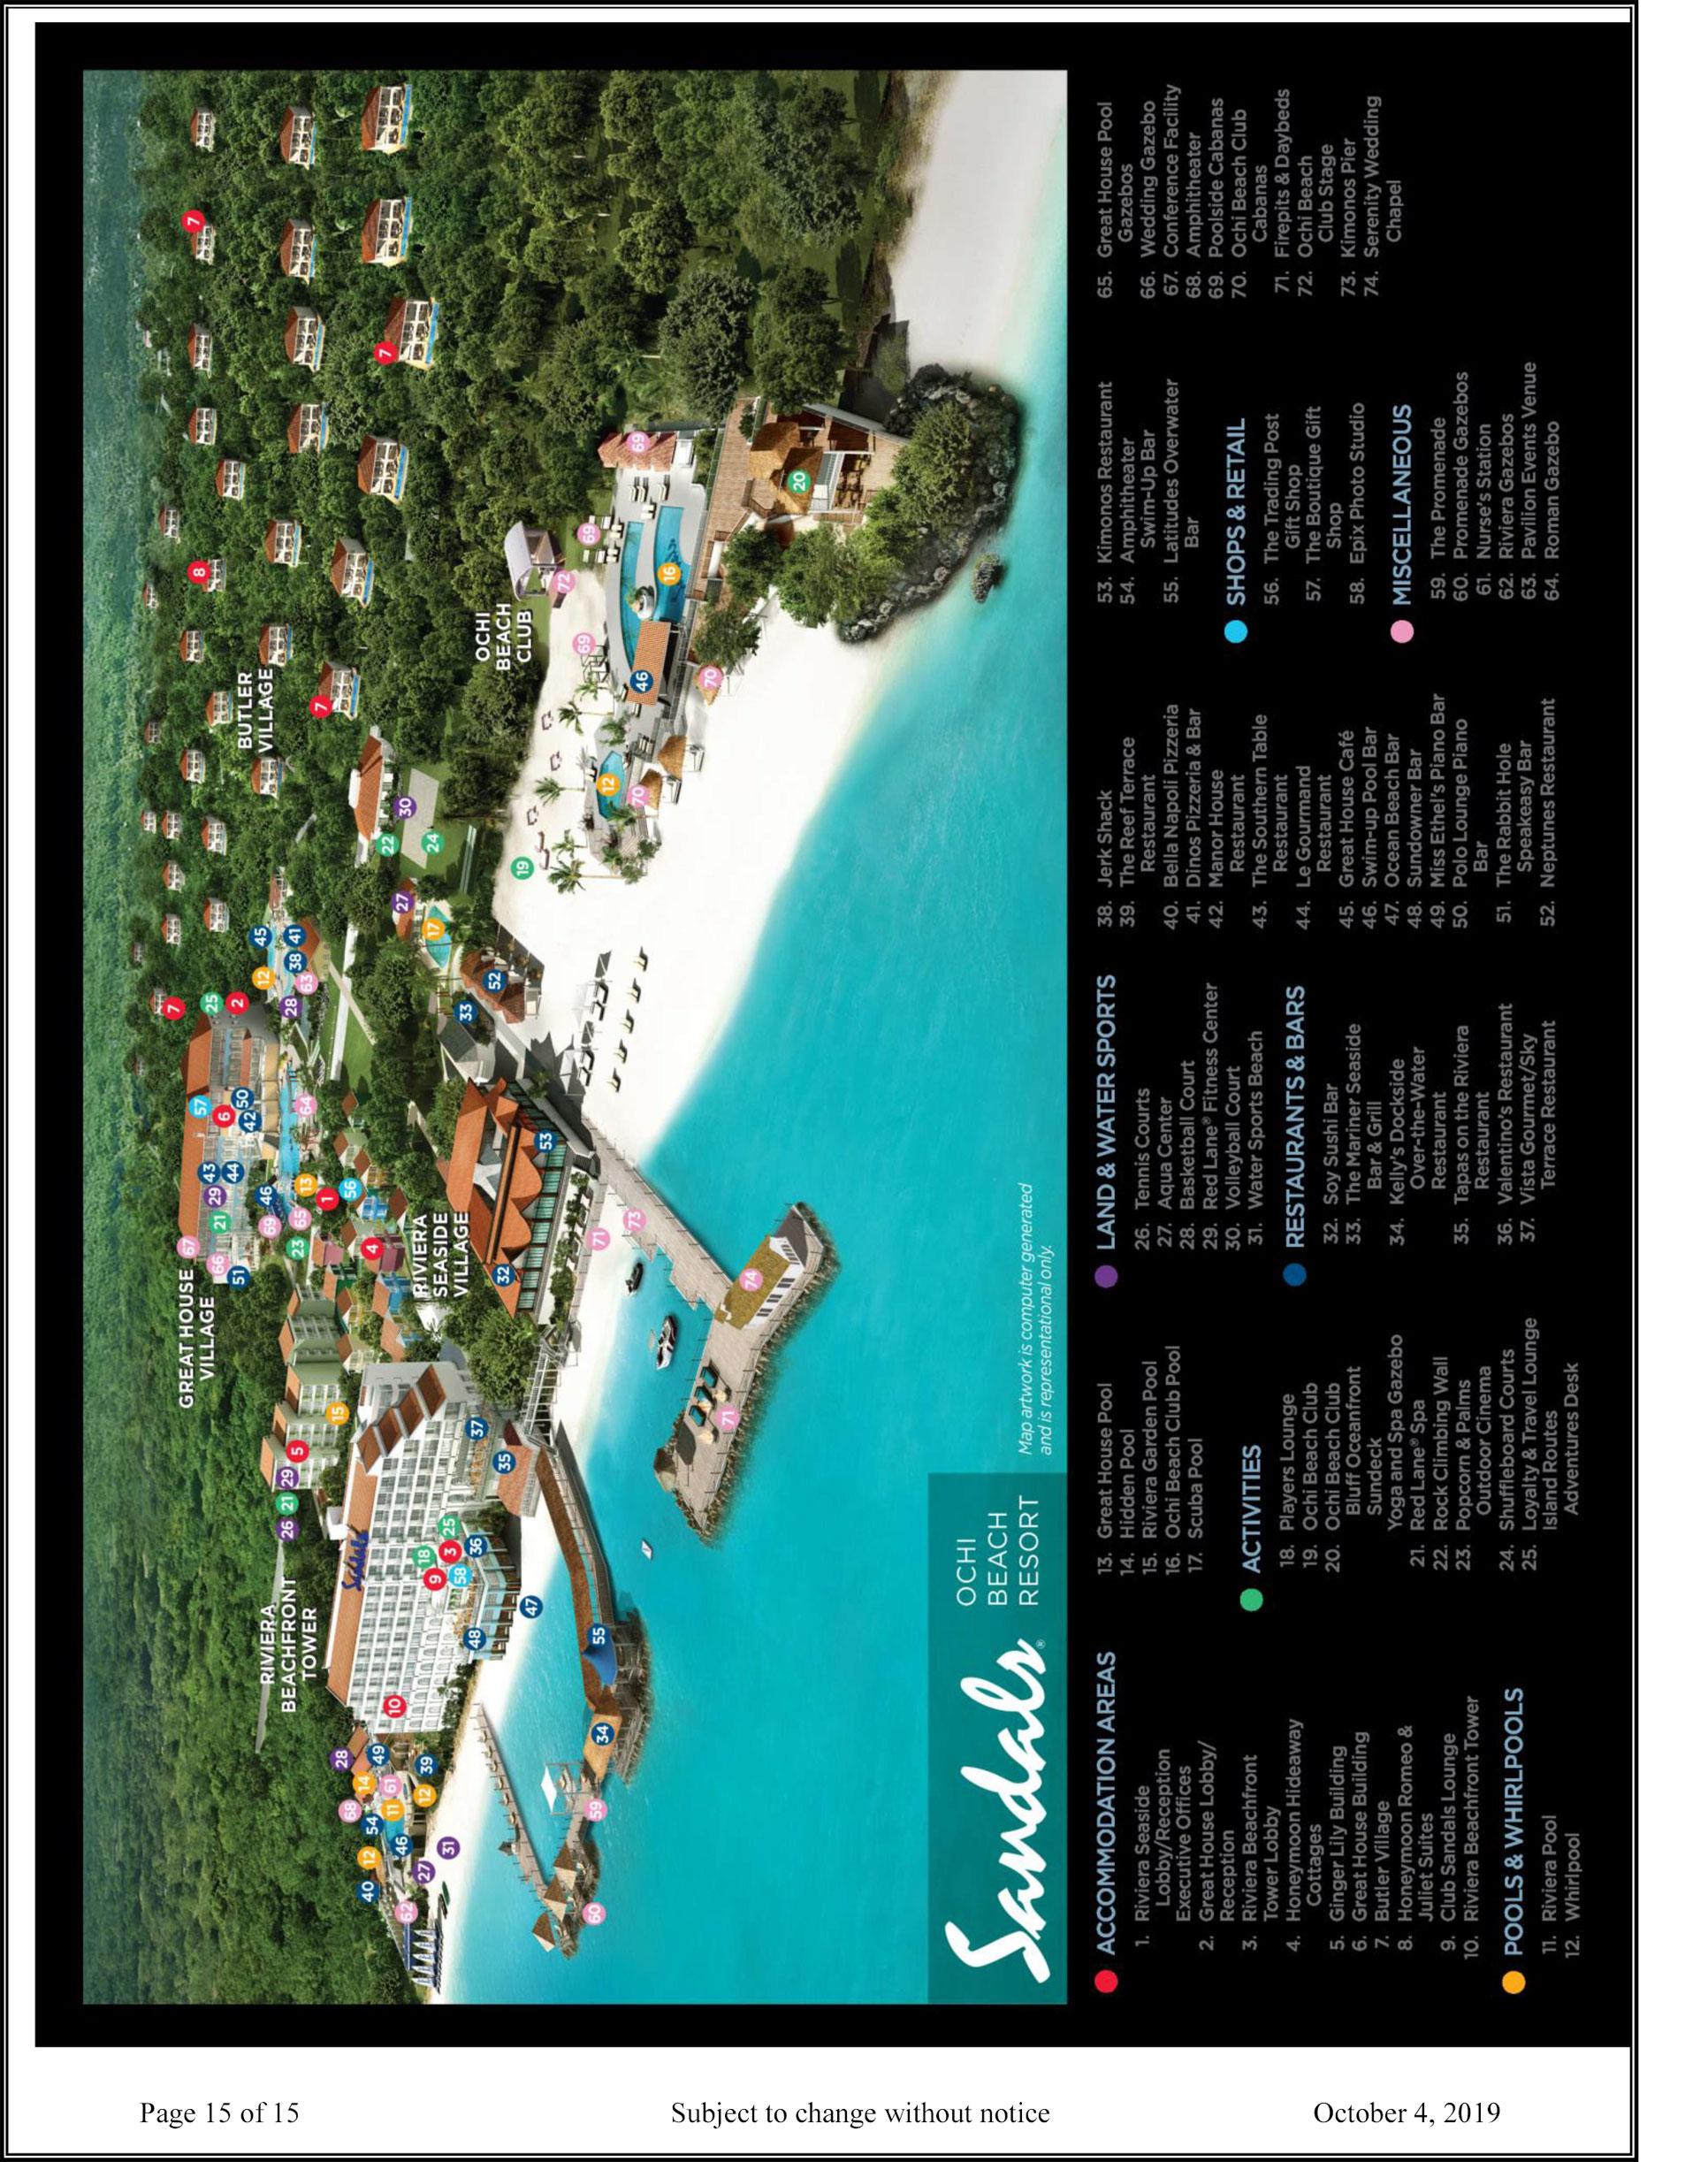 Sandals Ochi Beach Resort  Ocho Rios  Transat